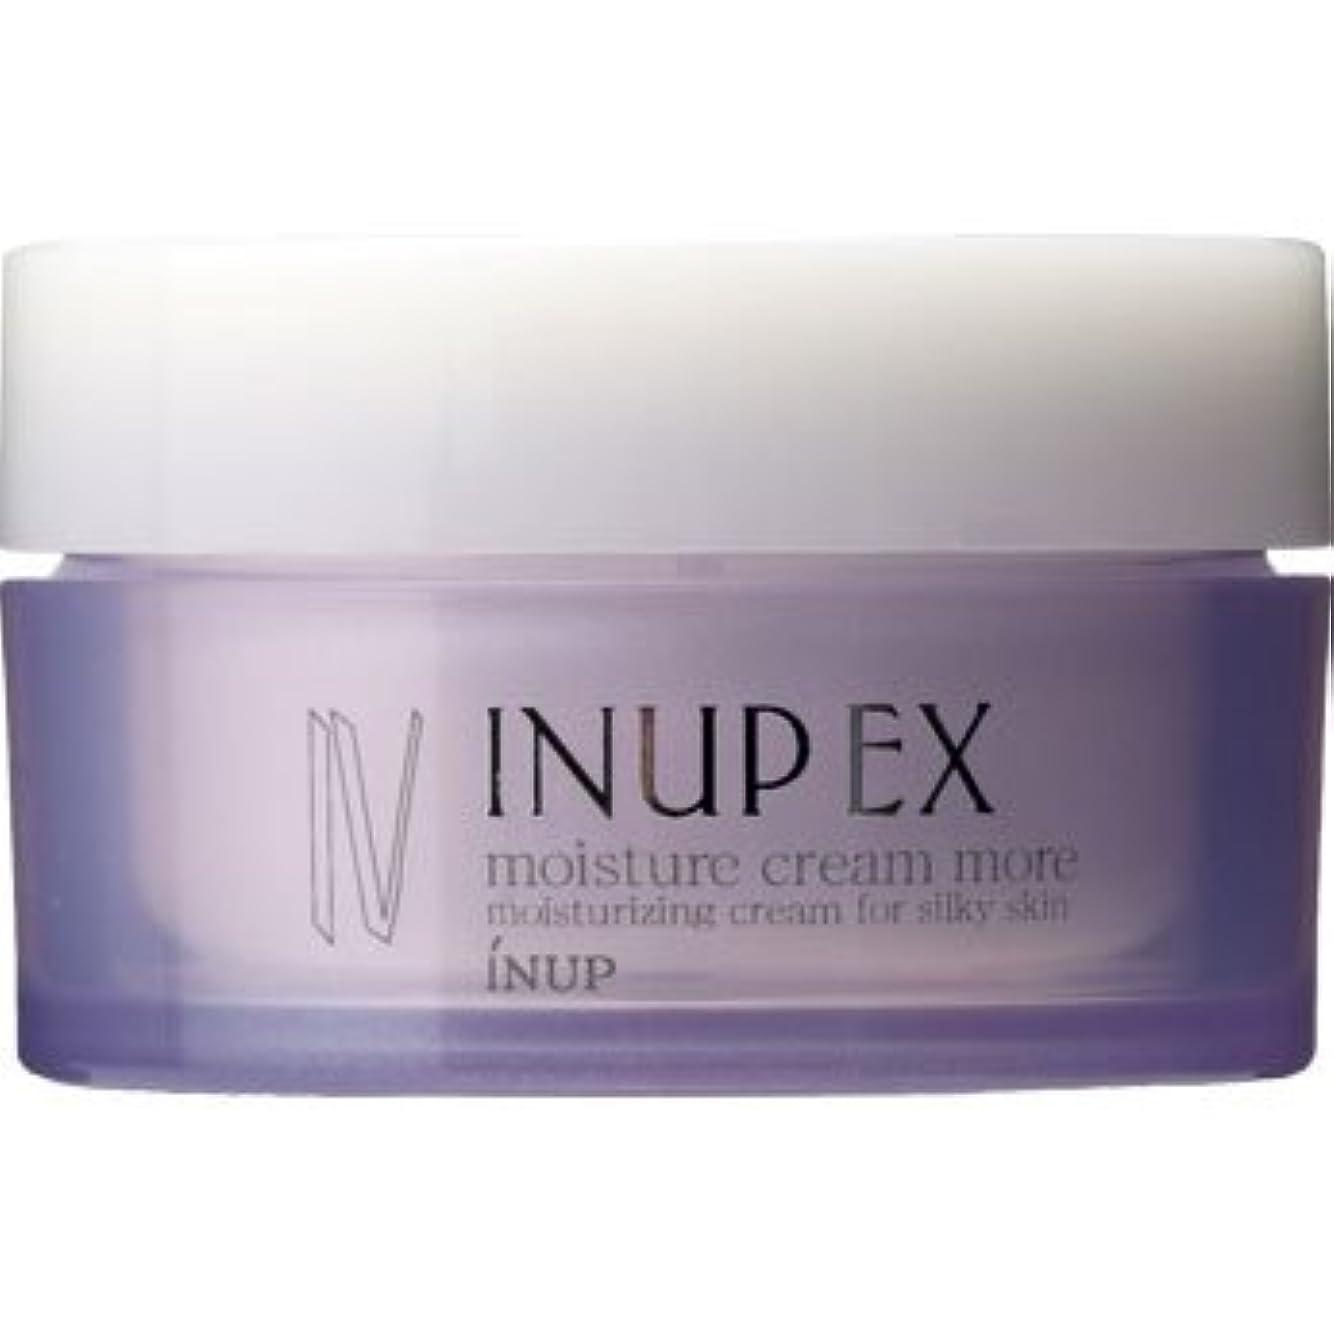 さわやか優しさ失業インナップEX 保湿クリーム (潤い効果アップ) モイスチャークリーム MD (スパチュラ付)[弱酸性] 30g